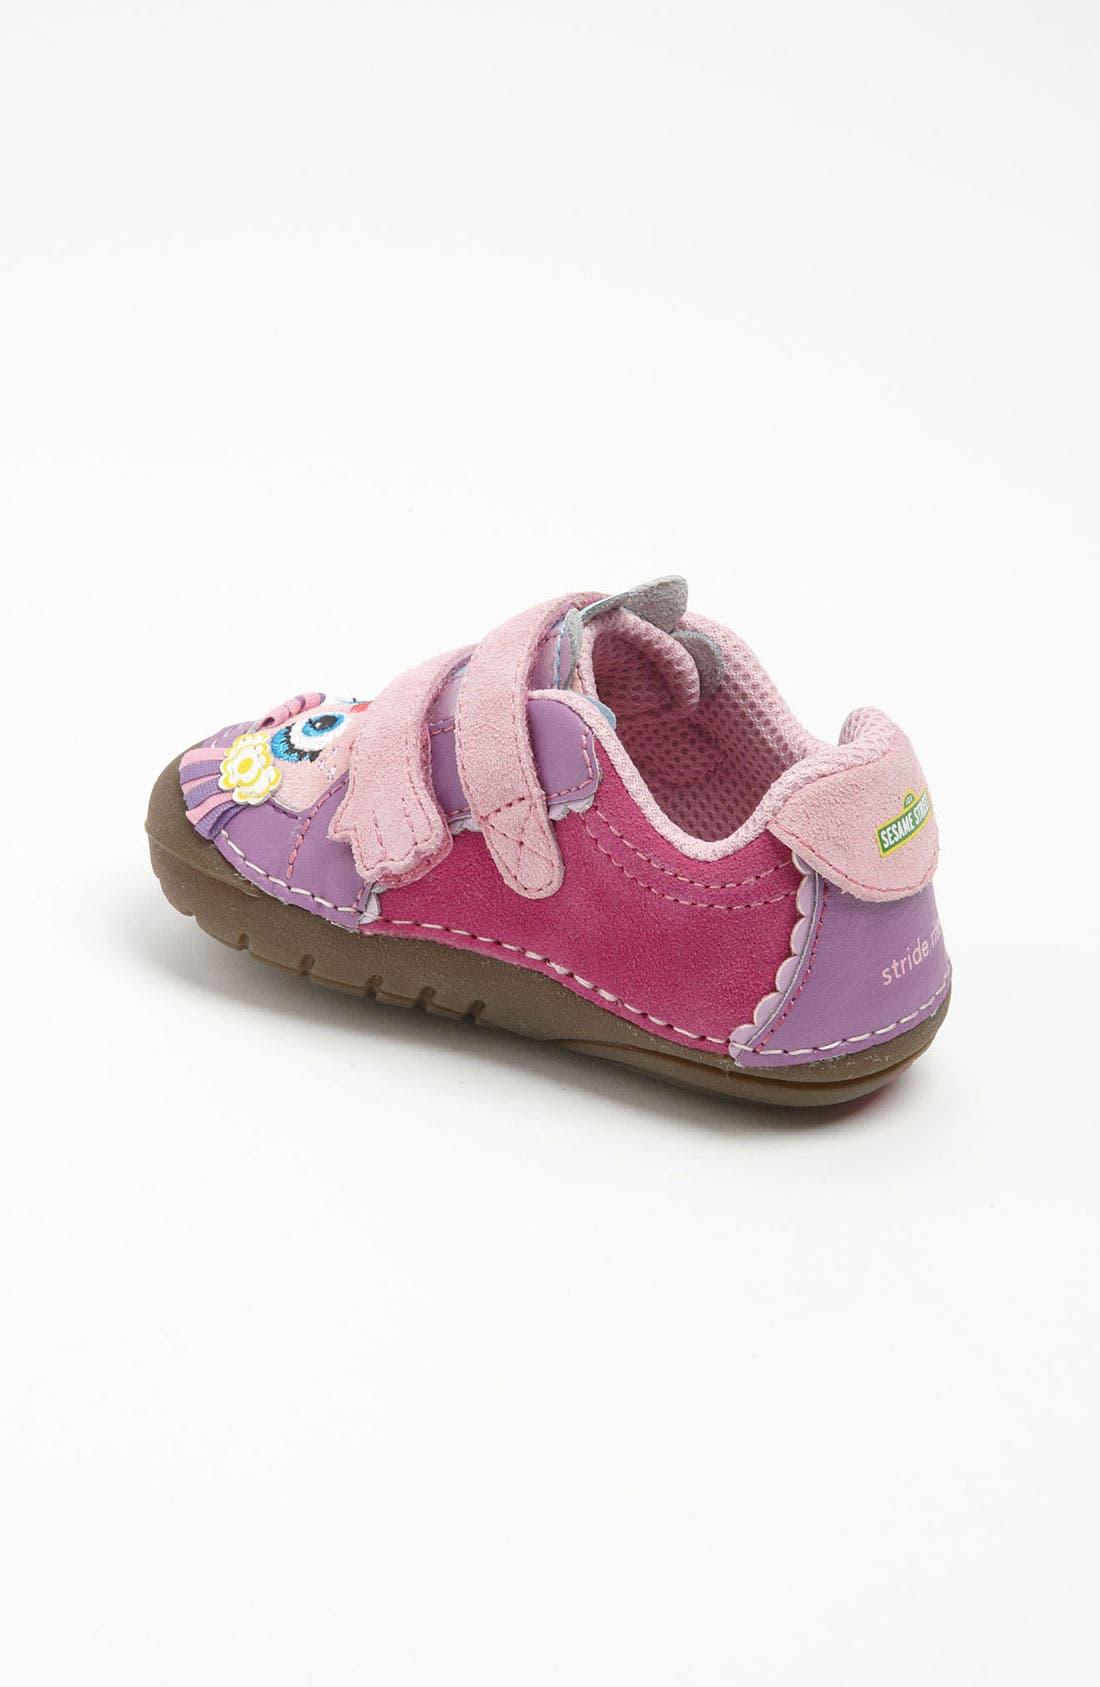 Alternate Image 2  - Stride Rite 'Sesame Street® - Abby Cadaby' Sneaker (Baby & Walker)